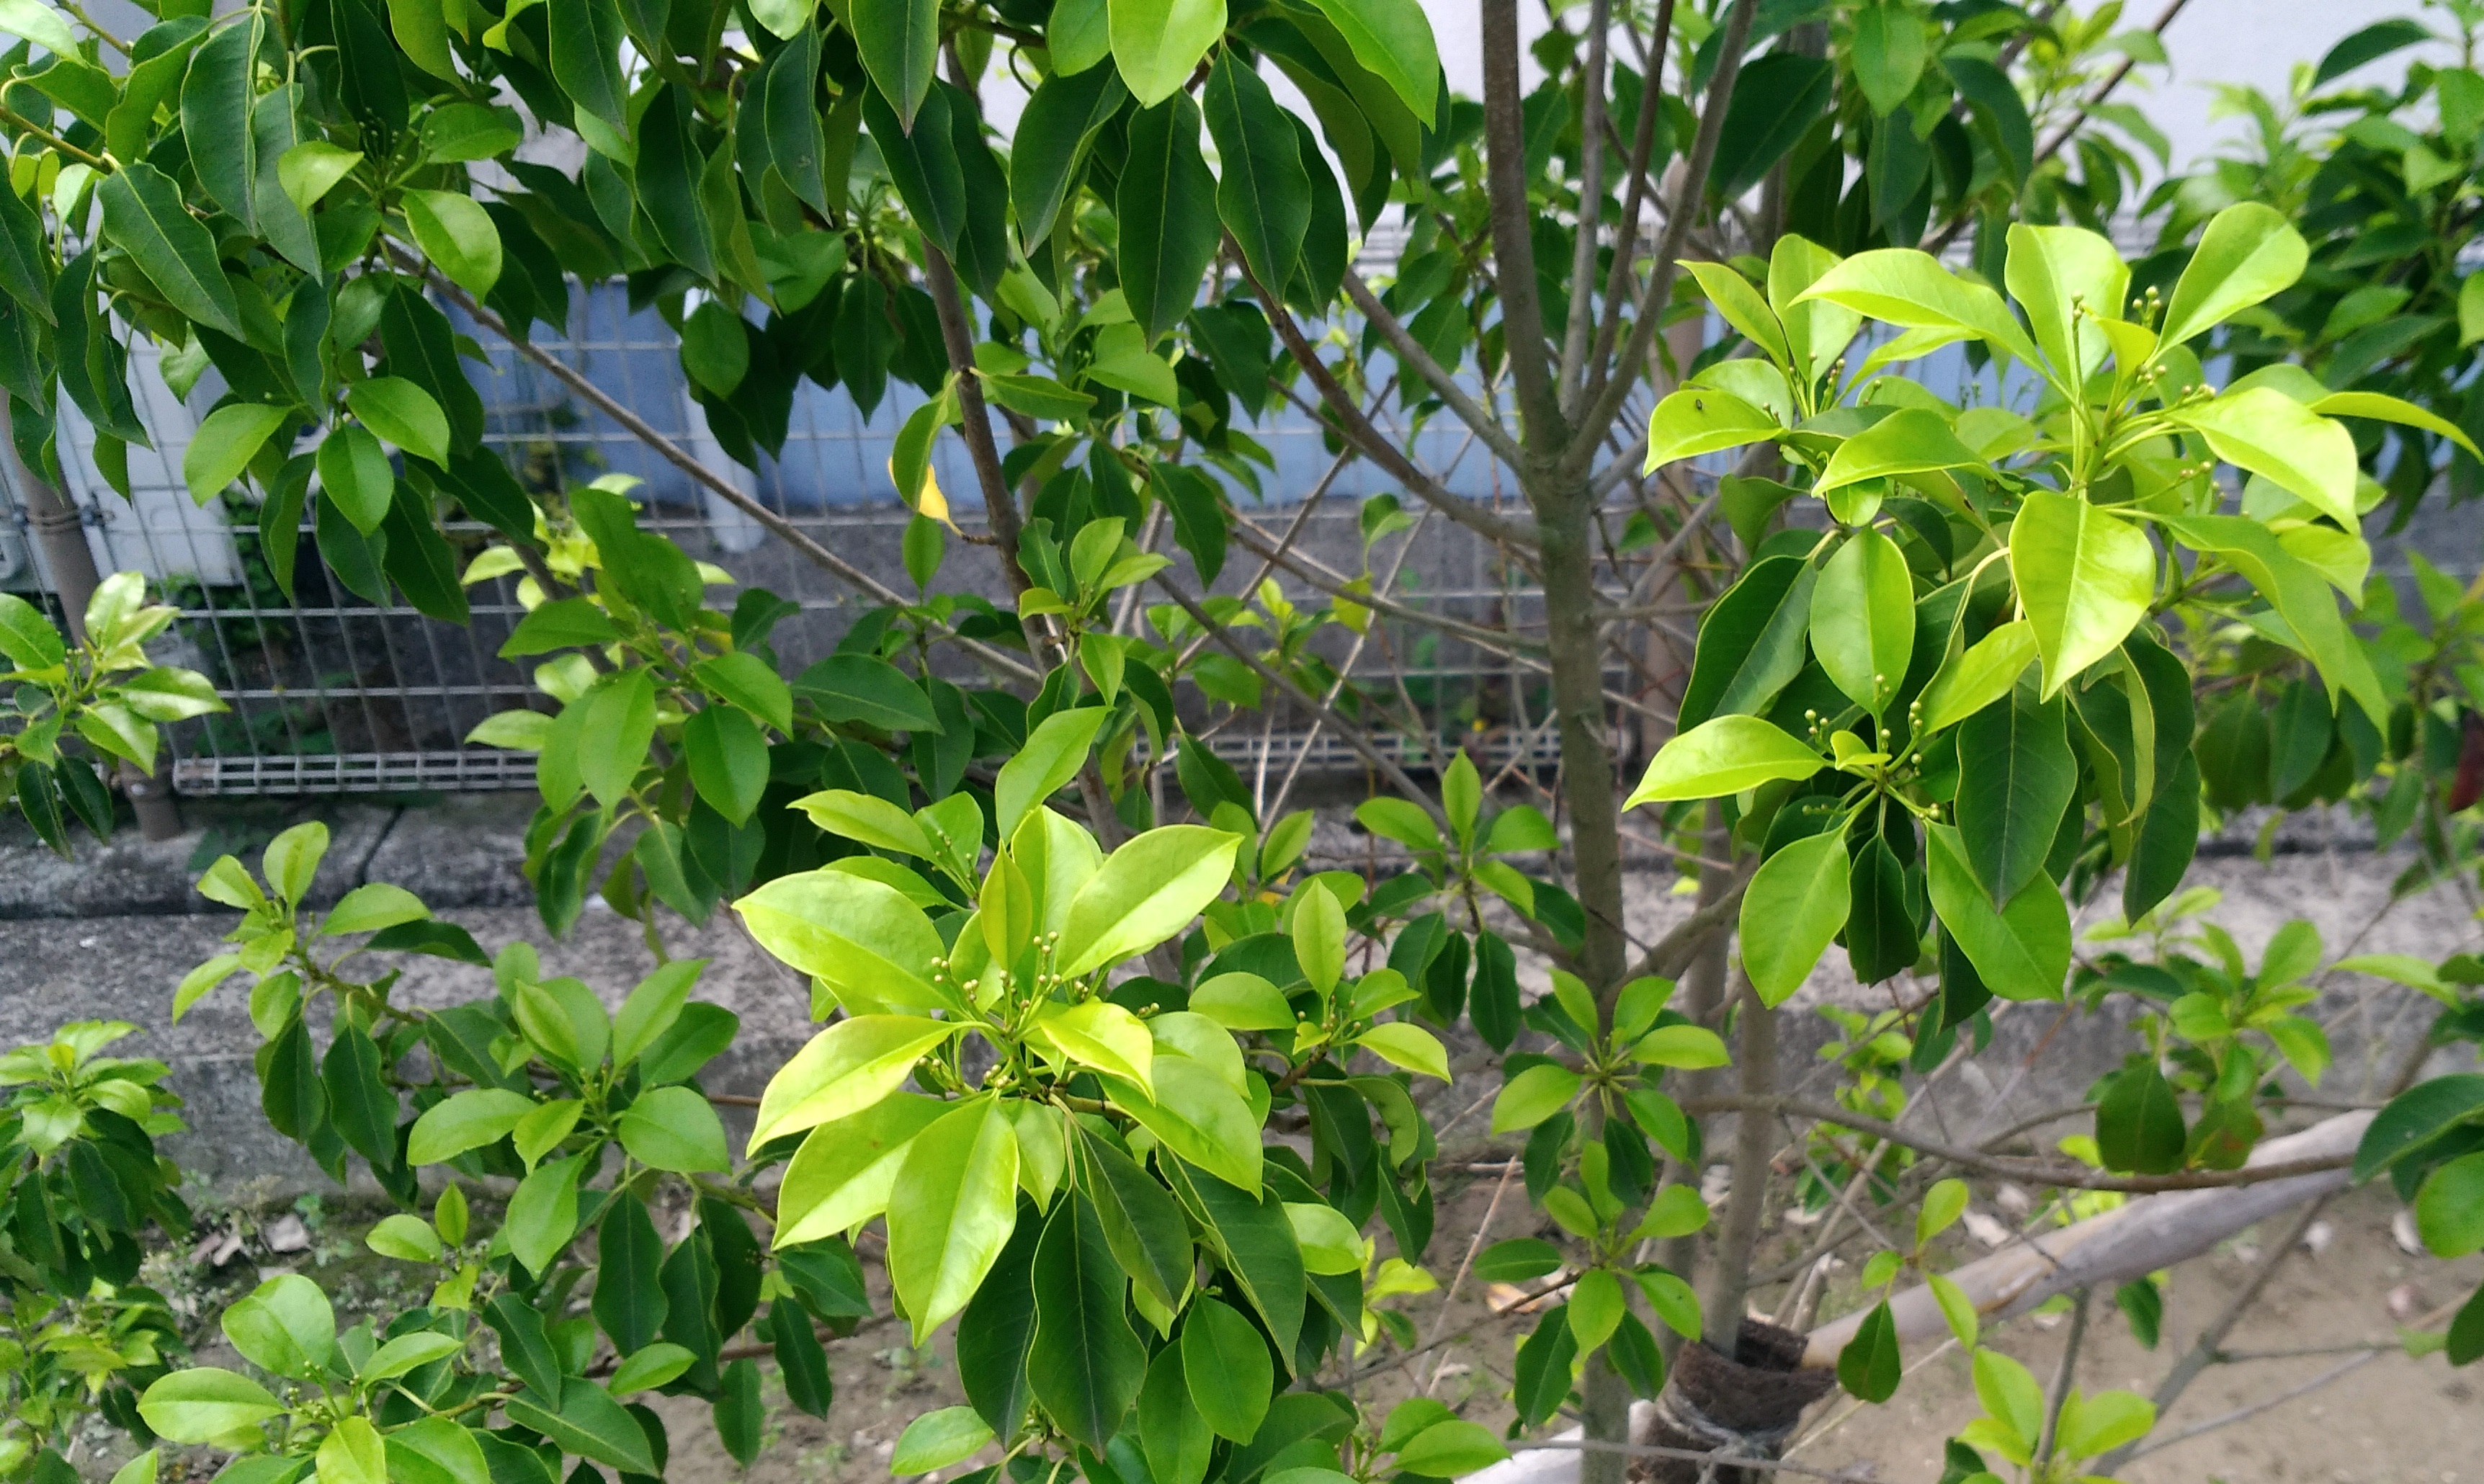 【ソヨゴ】を植えて、1年または1年半経ちました! 黄色い葉が目立つ木には「施肥」しました。